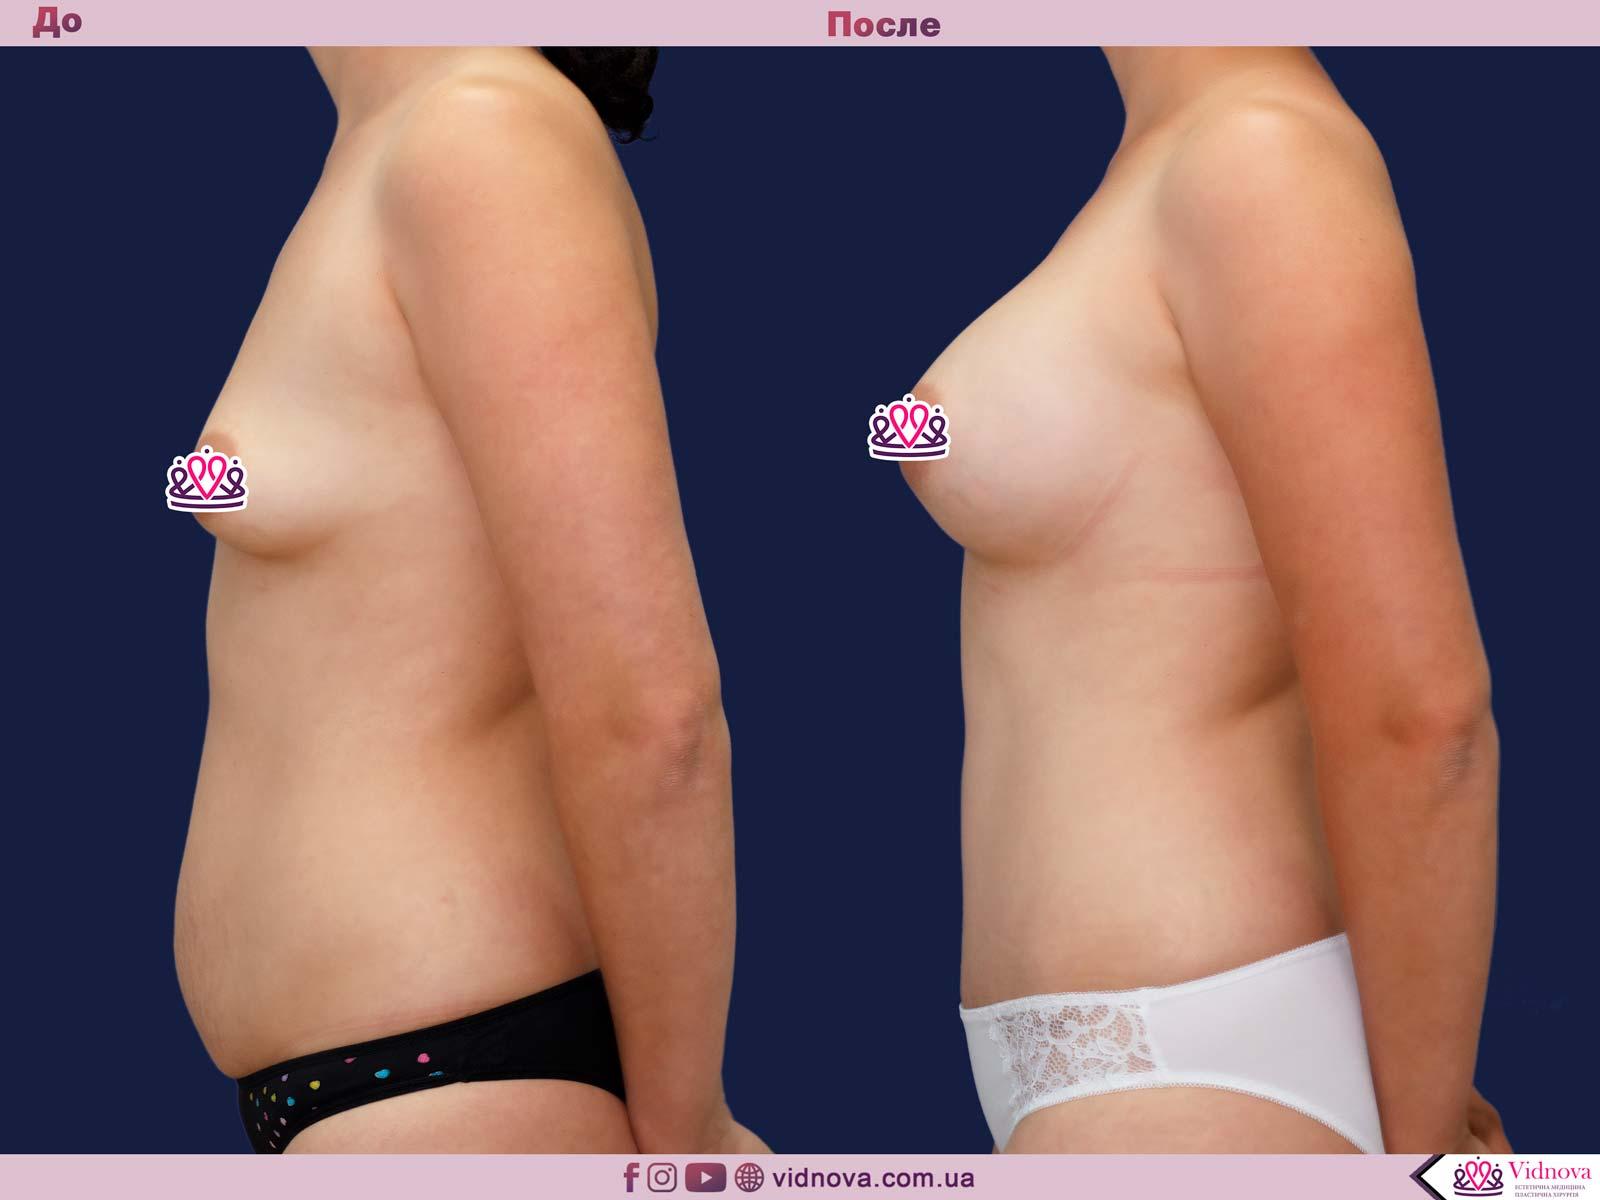 Пластика груди: результаты до и после - Пример №35-2 - Светлана Работенко